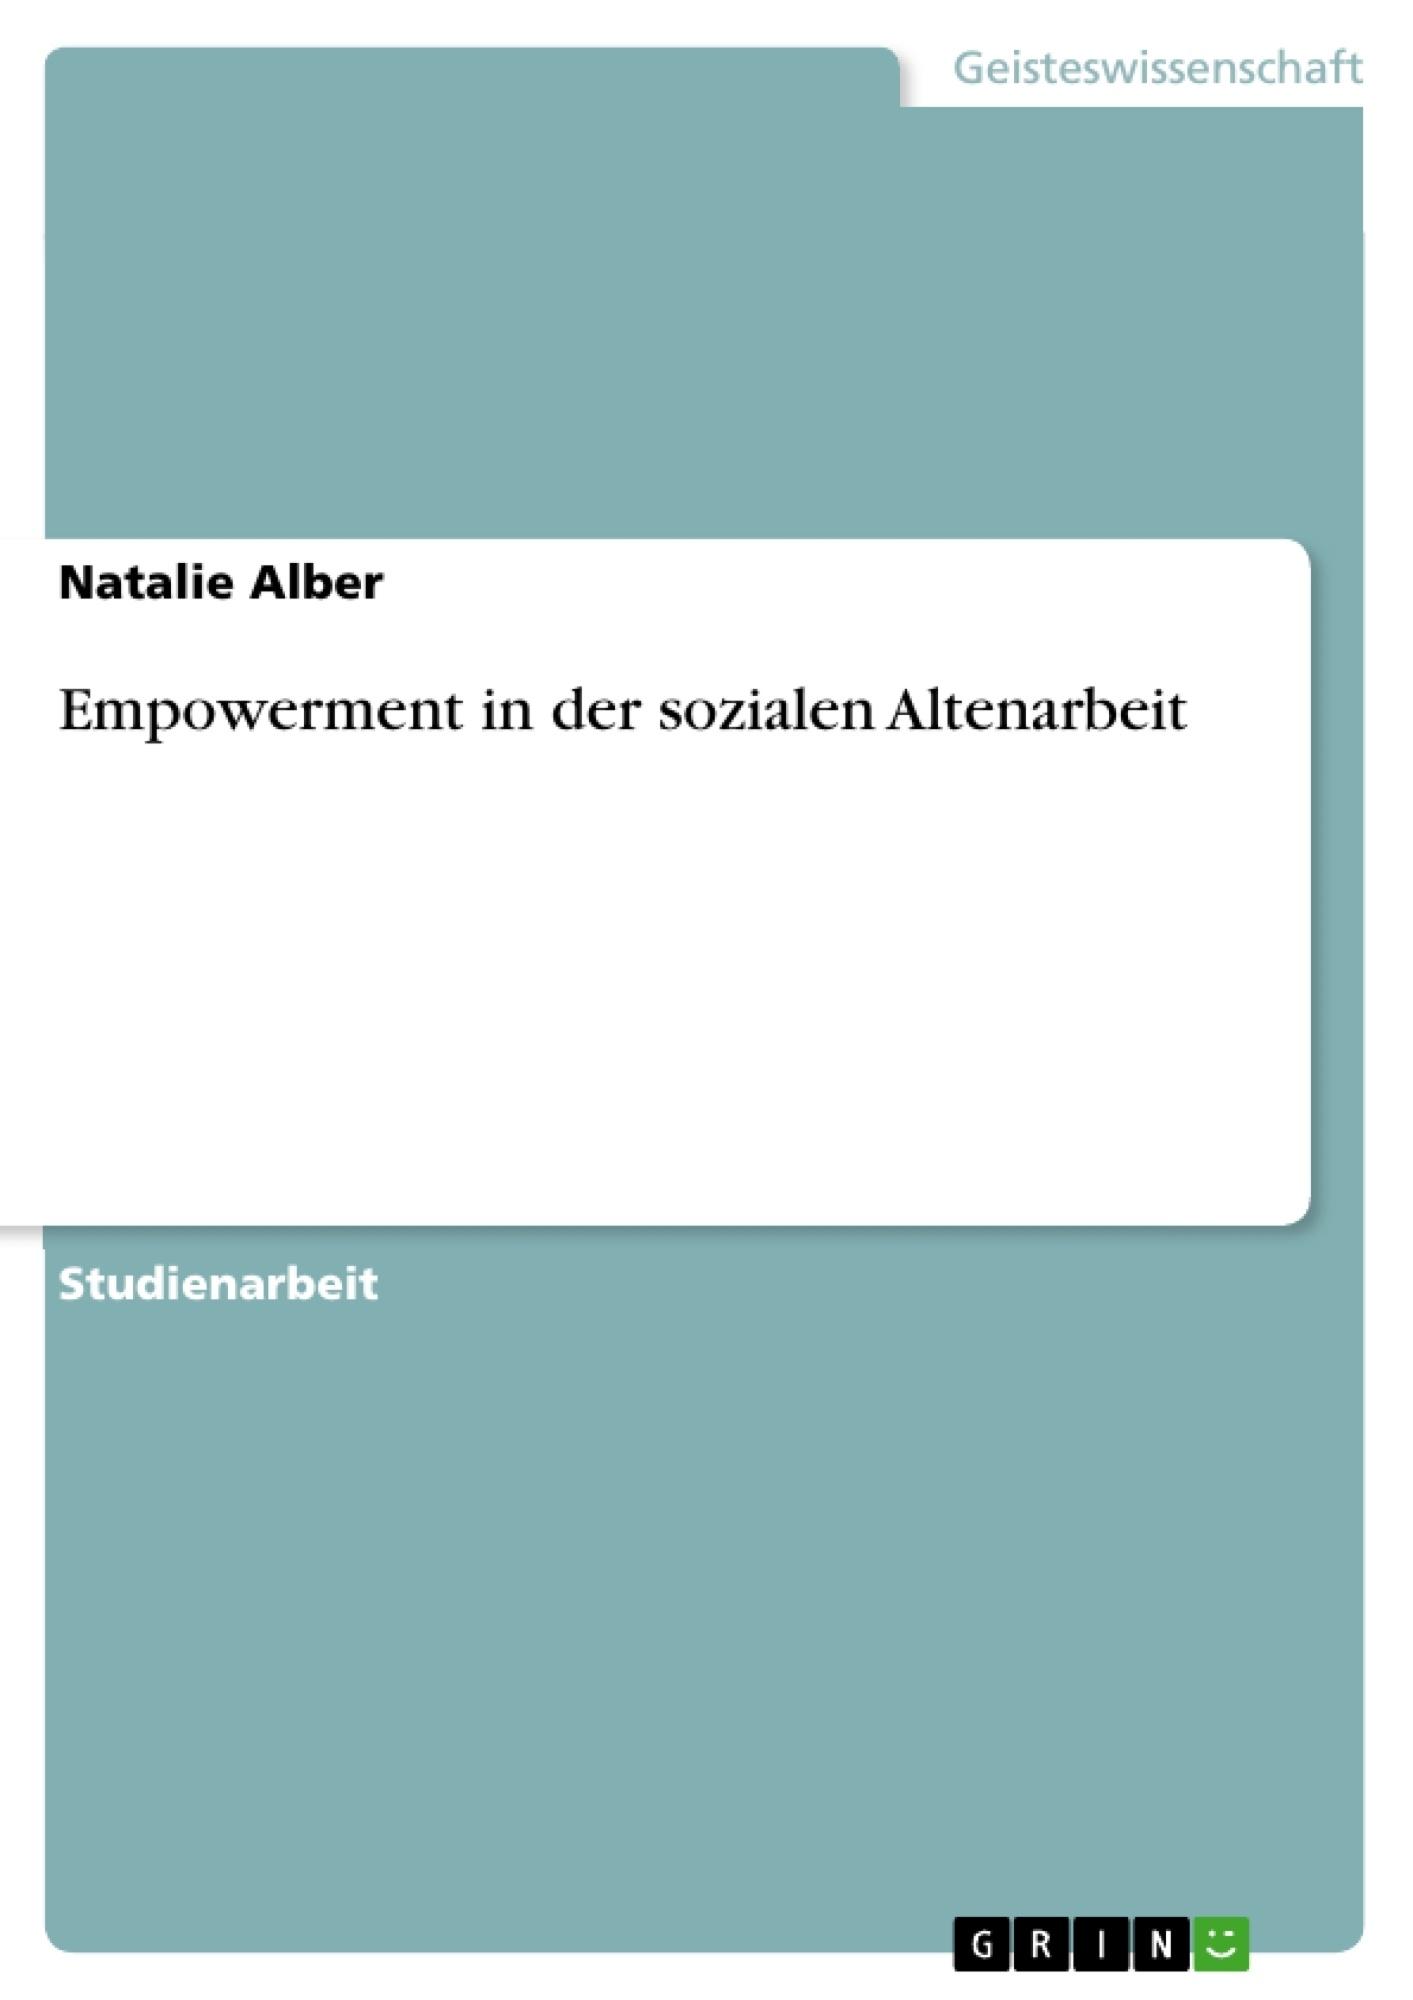 Titel: Empowerment in der sozialen Altenarbeit